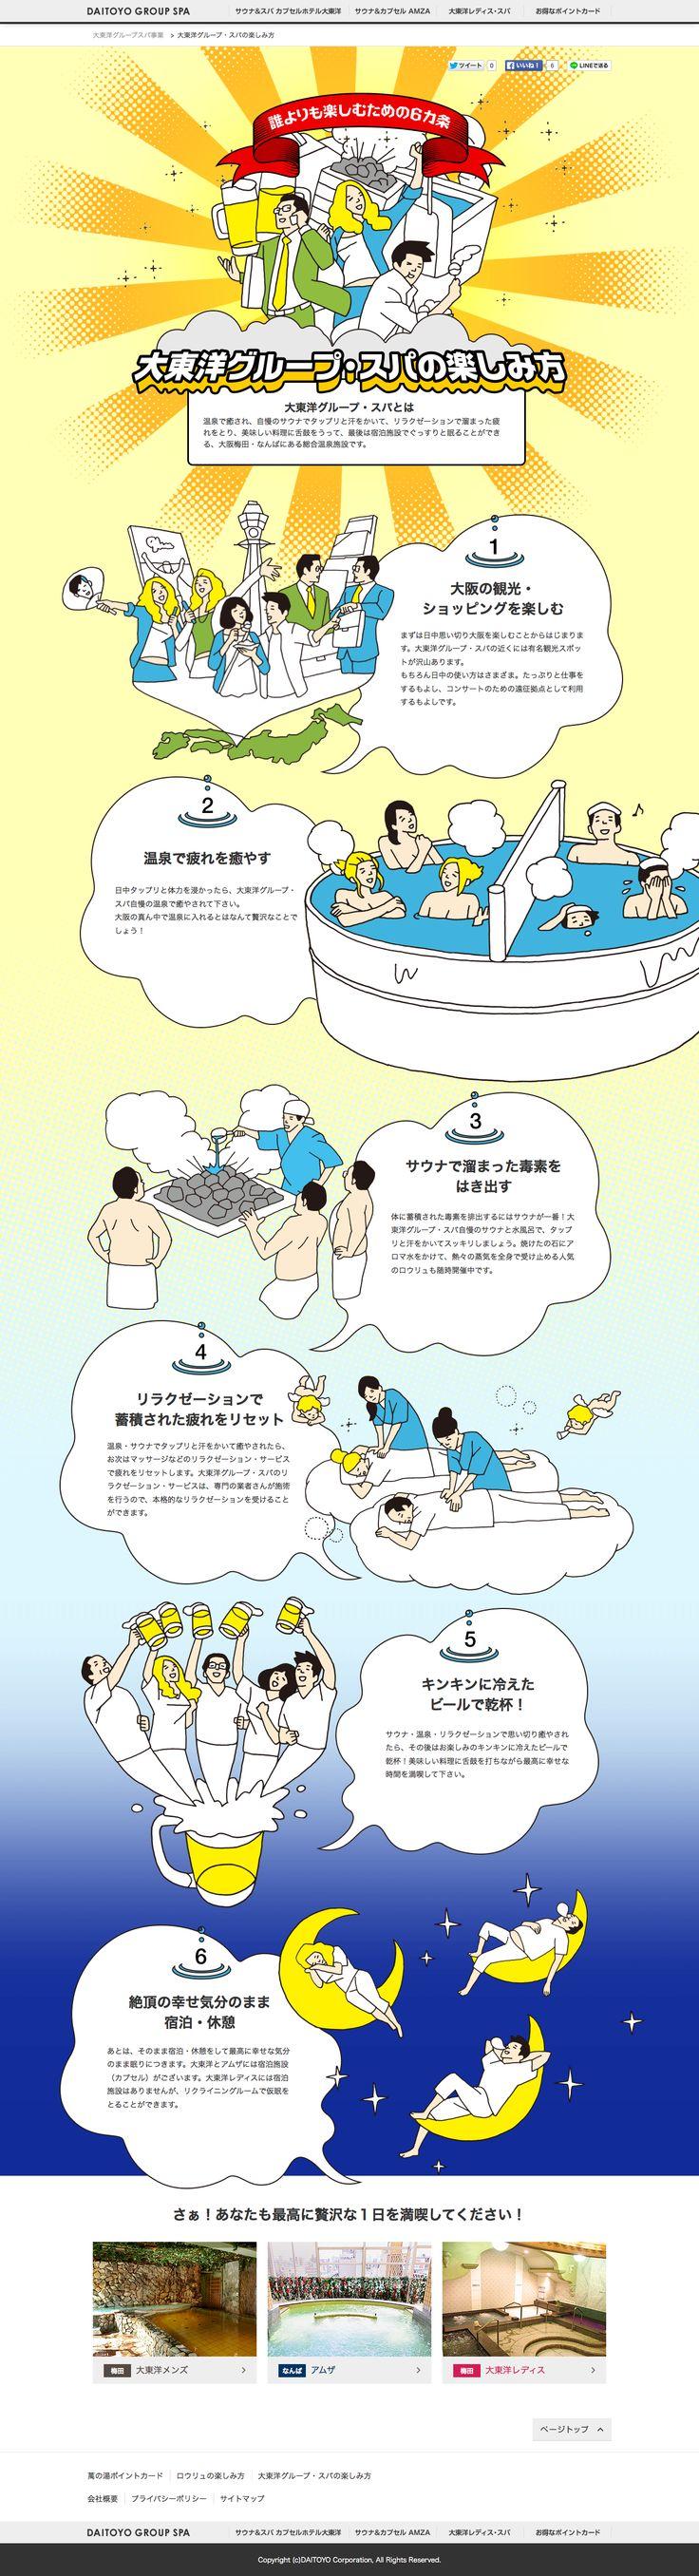 81-web.com【Webデザイン リンク集】